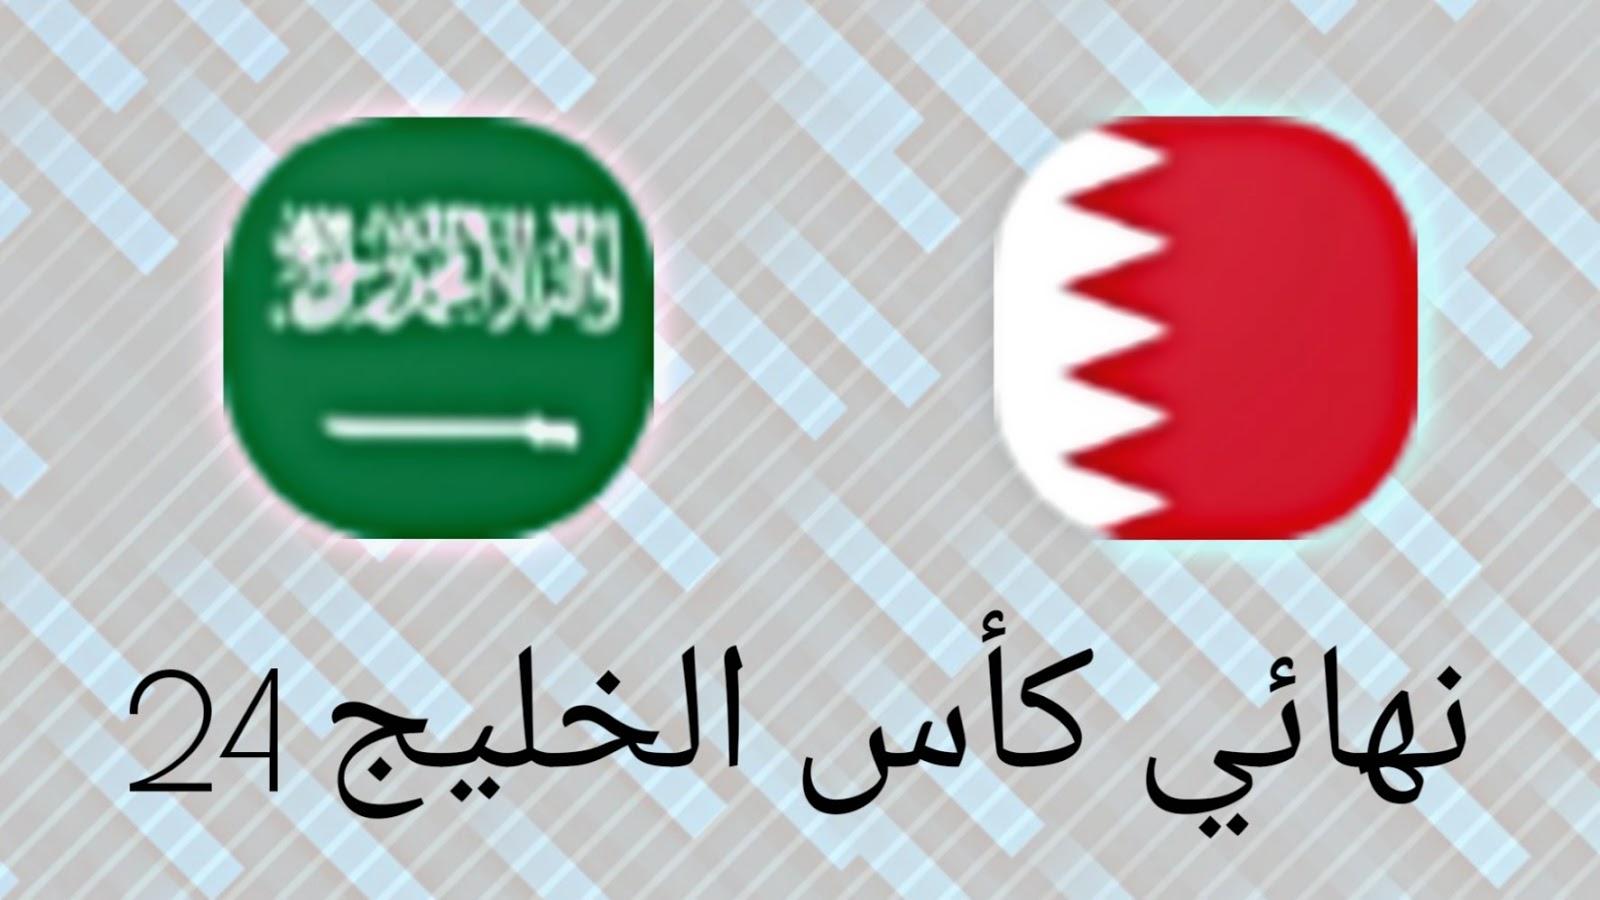 خليجى 24 | موعد مباراة البحرين والسعودية في نهائي كأس الخليج